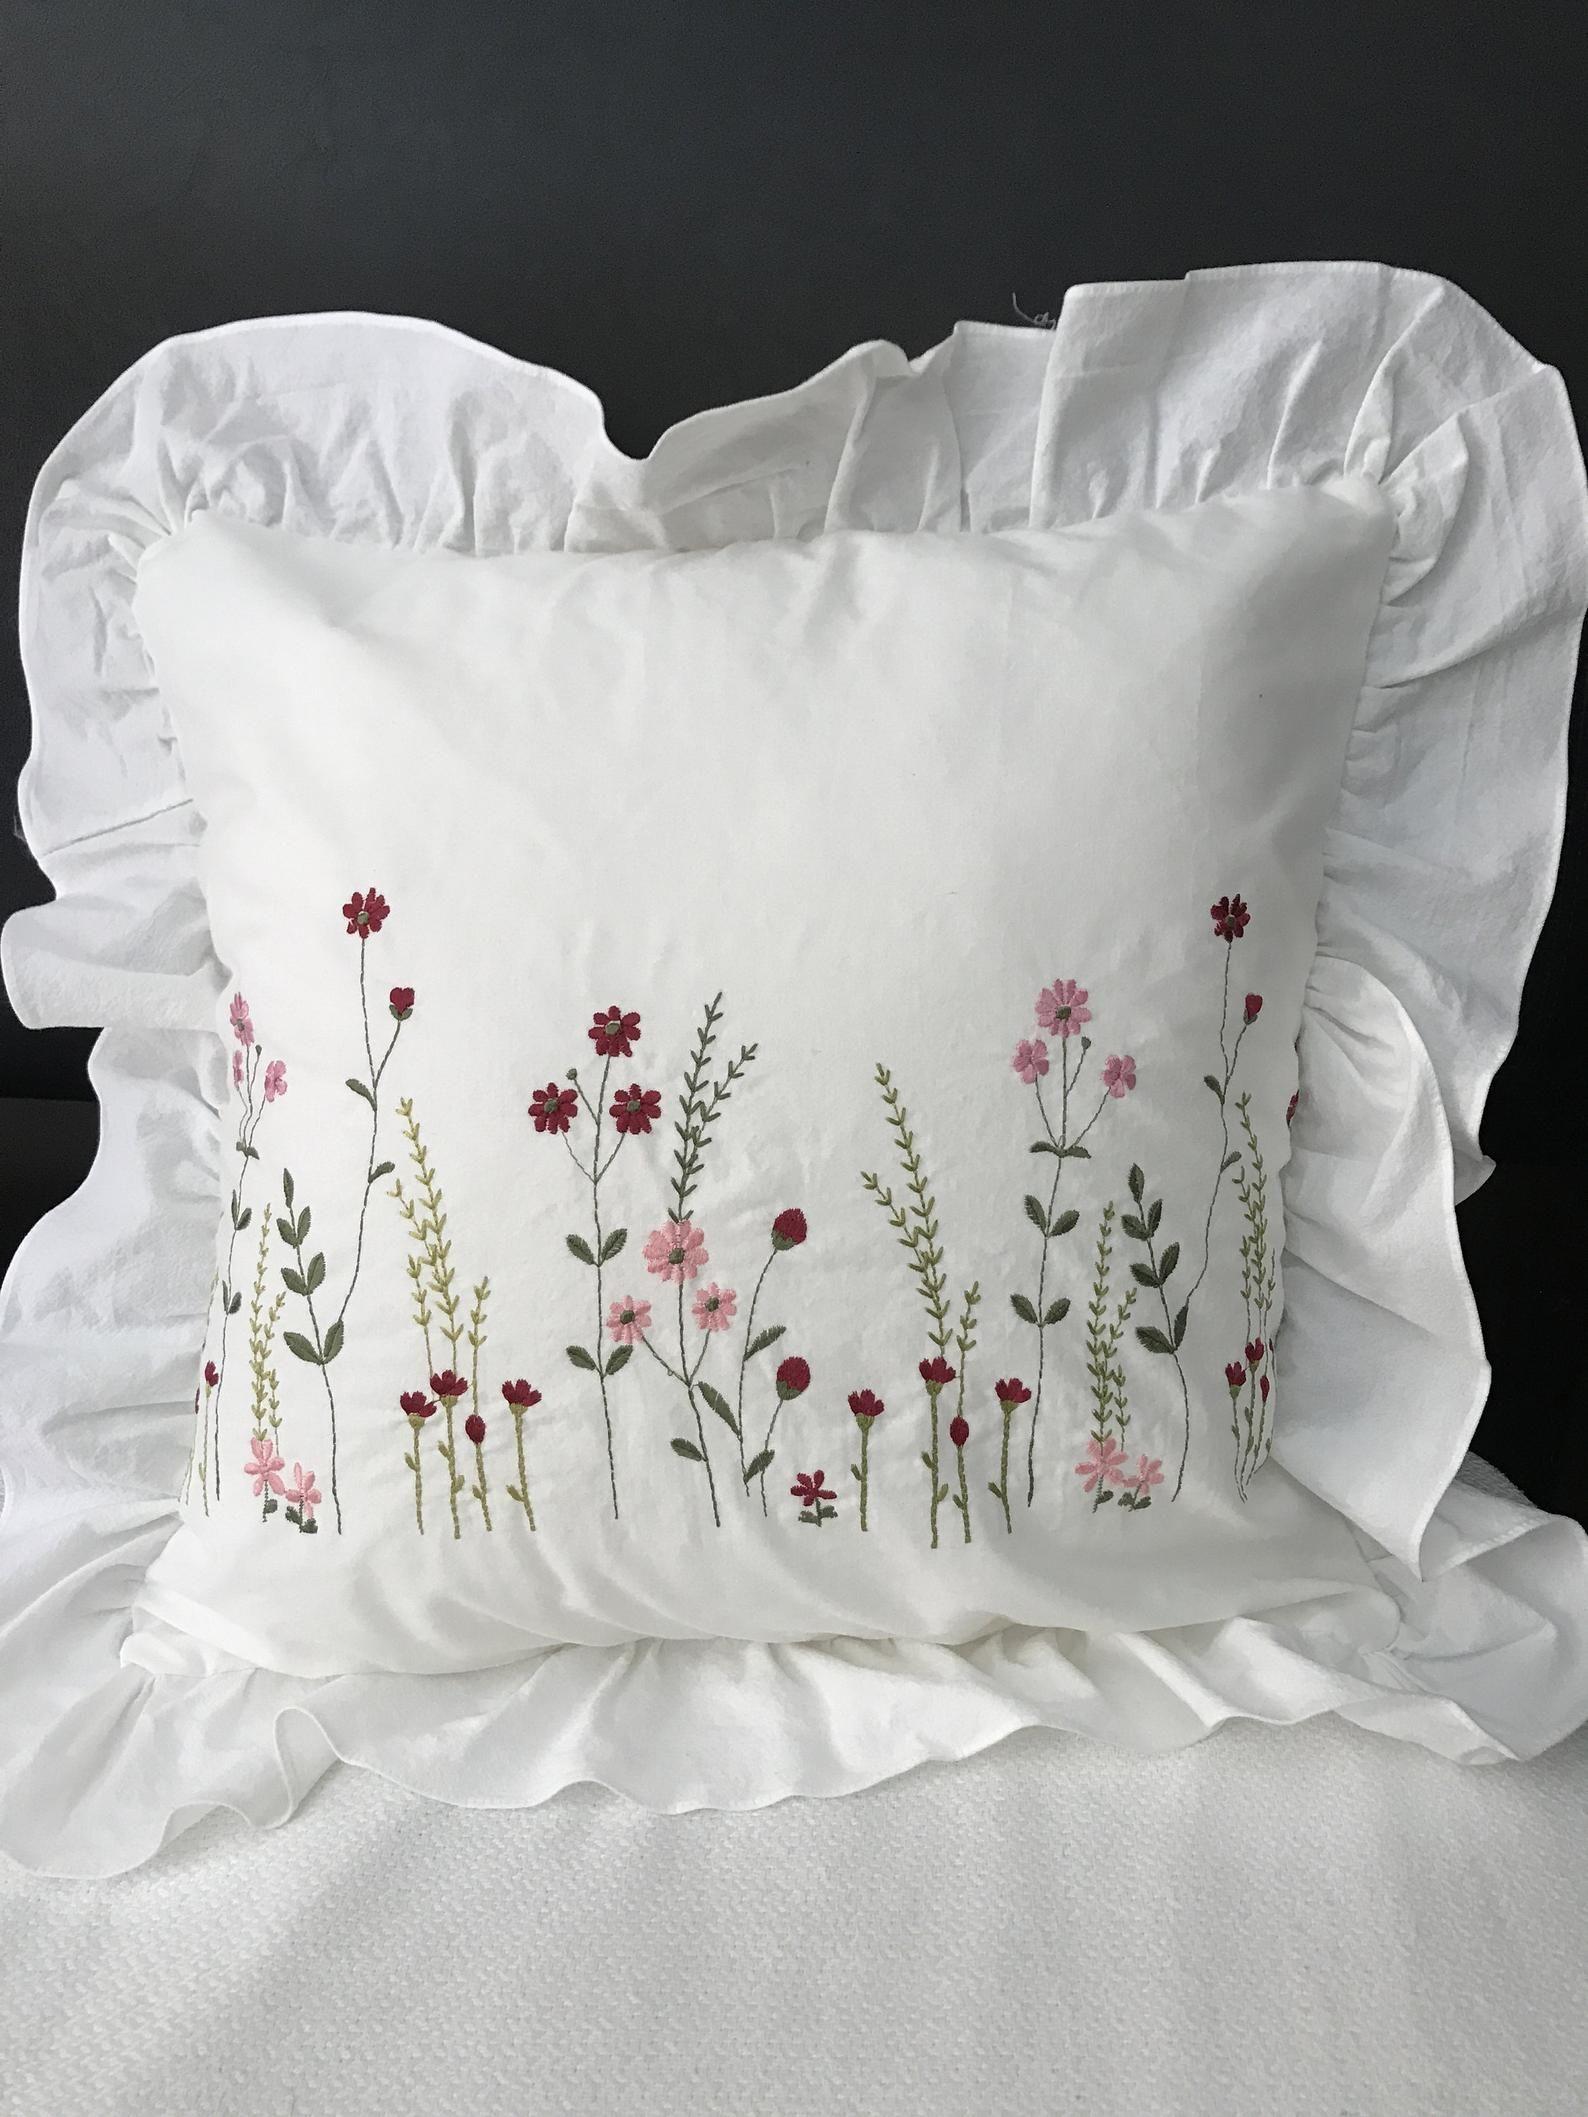 Gestickte Baumwolle Kissenbezug weiße Kissenkissen mit roten und rosa Blume; Hochzeit, Geburtstag, Ostern, Jubiläum, Housewarminggeschenk